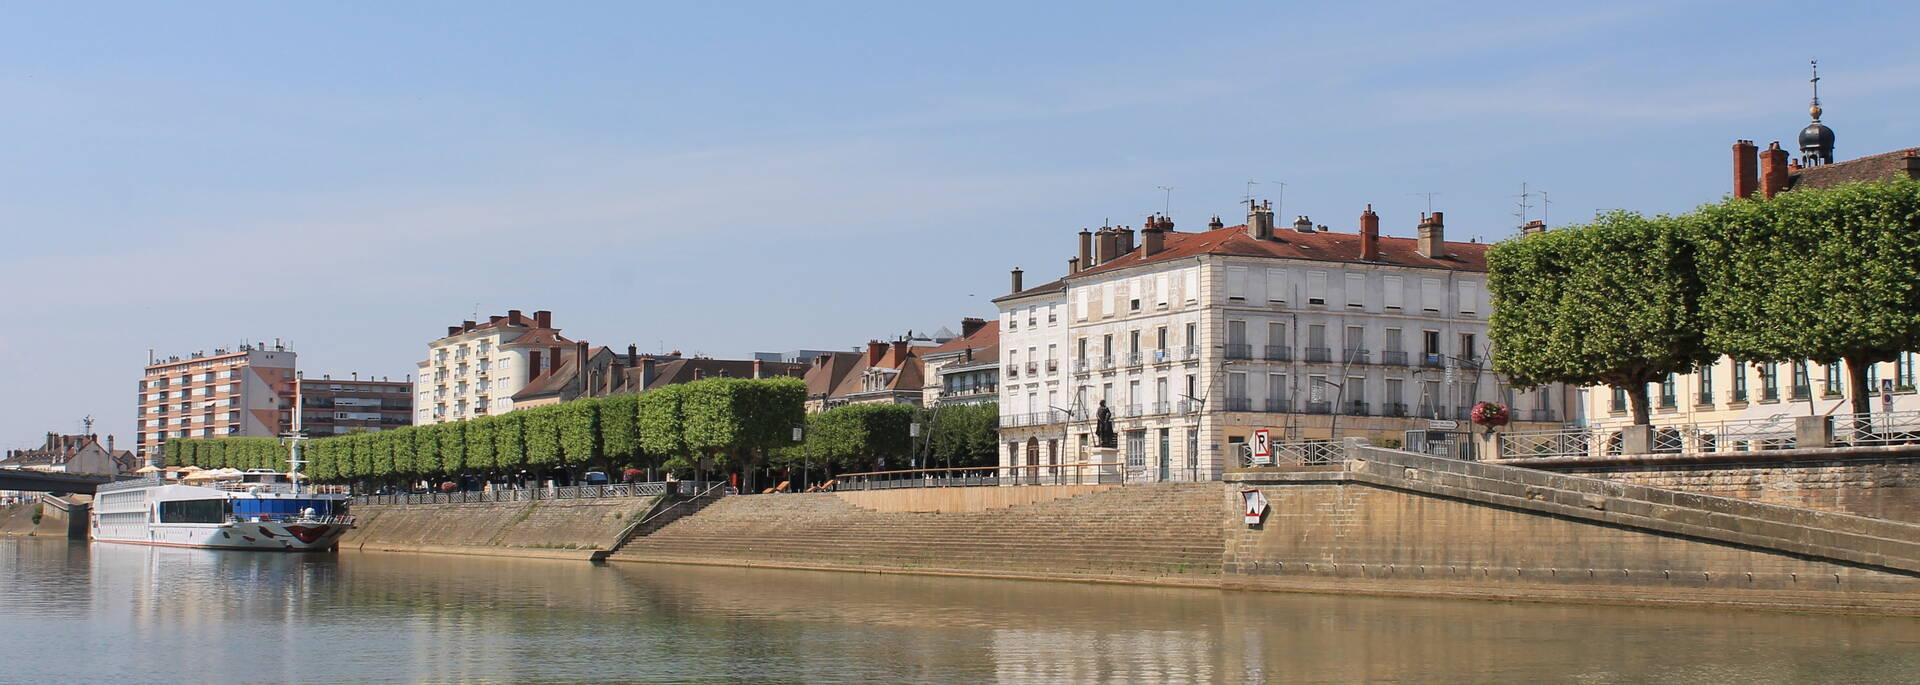 Chalon promenade bateau balades sur Saône